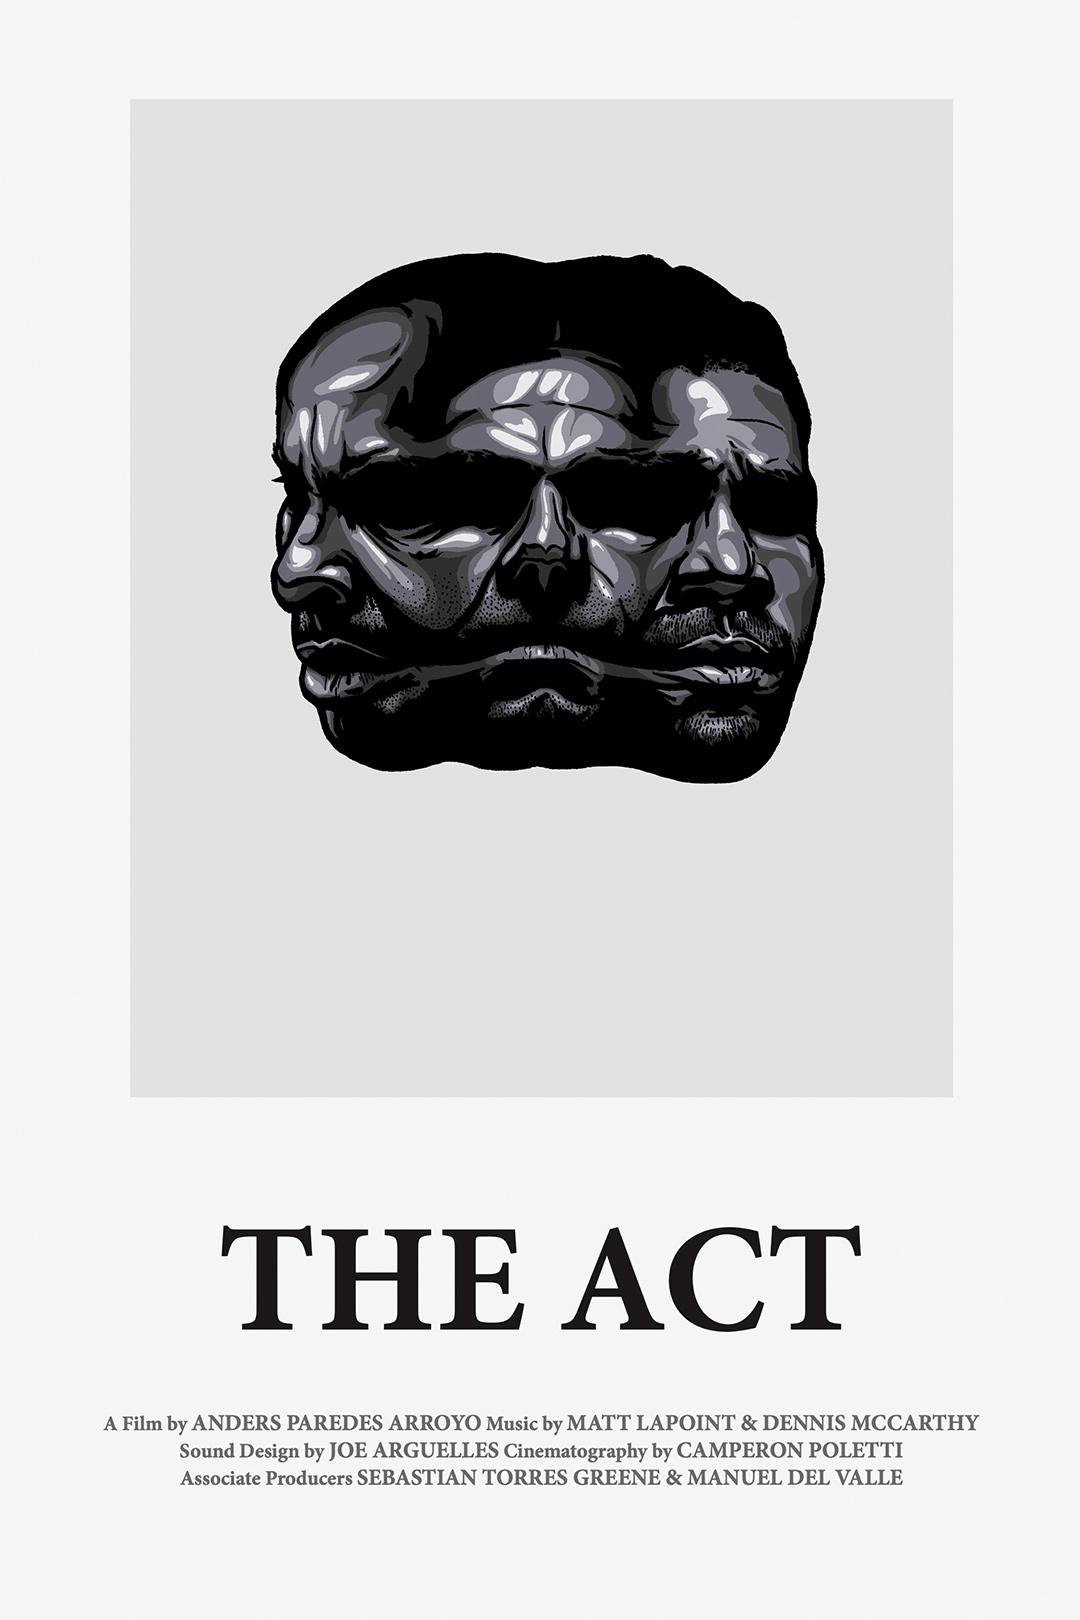 THE ACT - Andrés Paredes